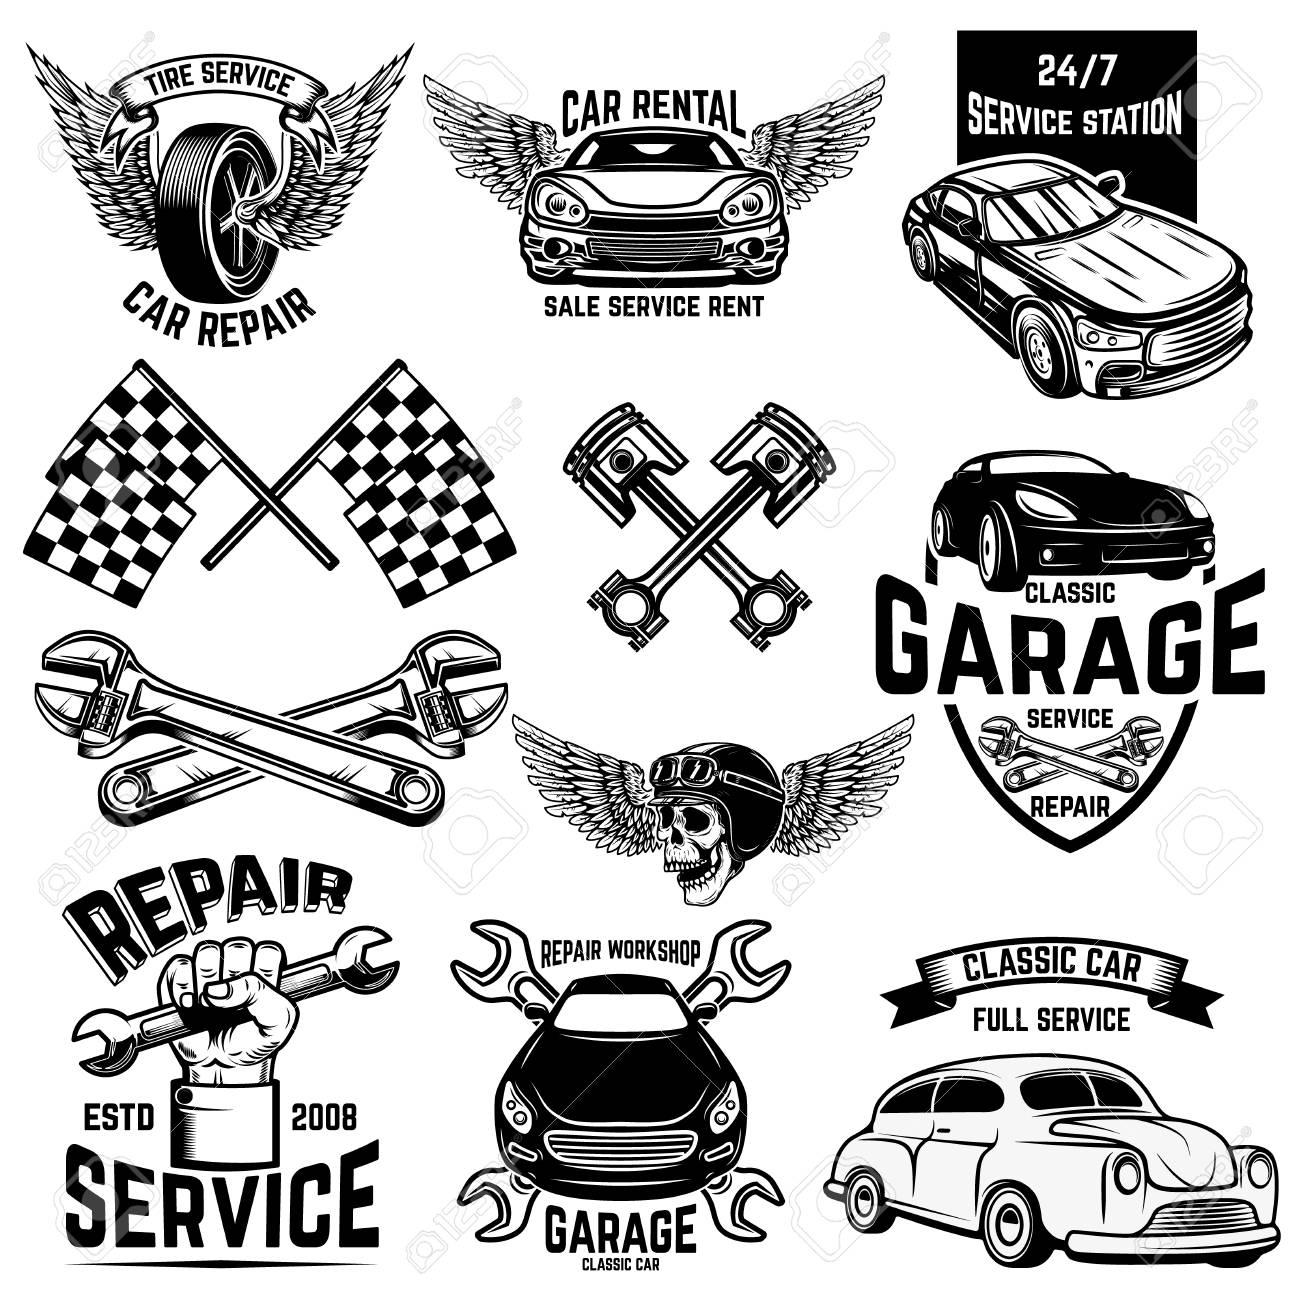 Set of car service station emblems and design elements. For logo, label, sign, banner, t shirt, poster. Vector illustration - 115915340